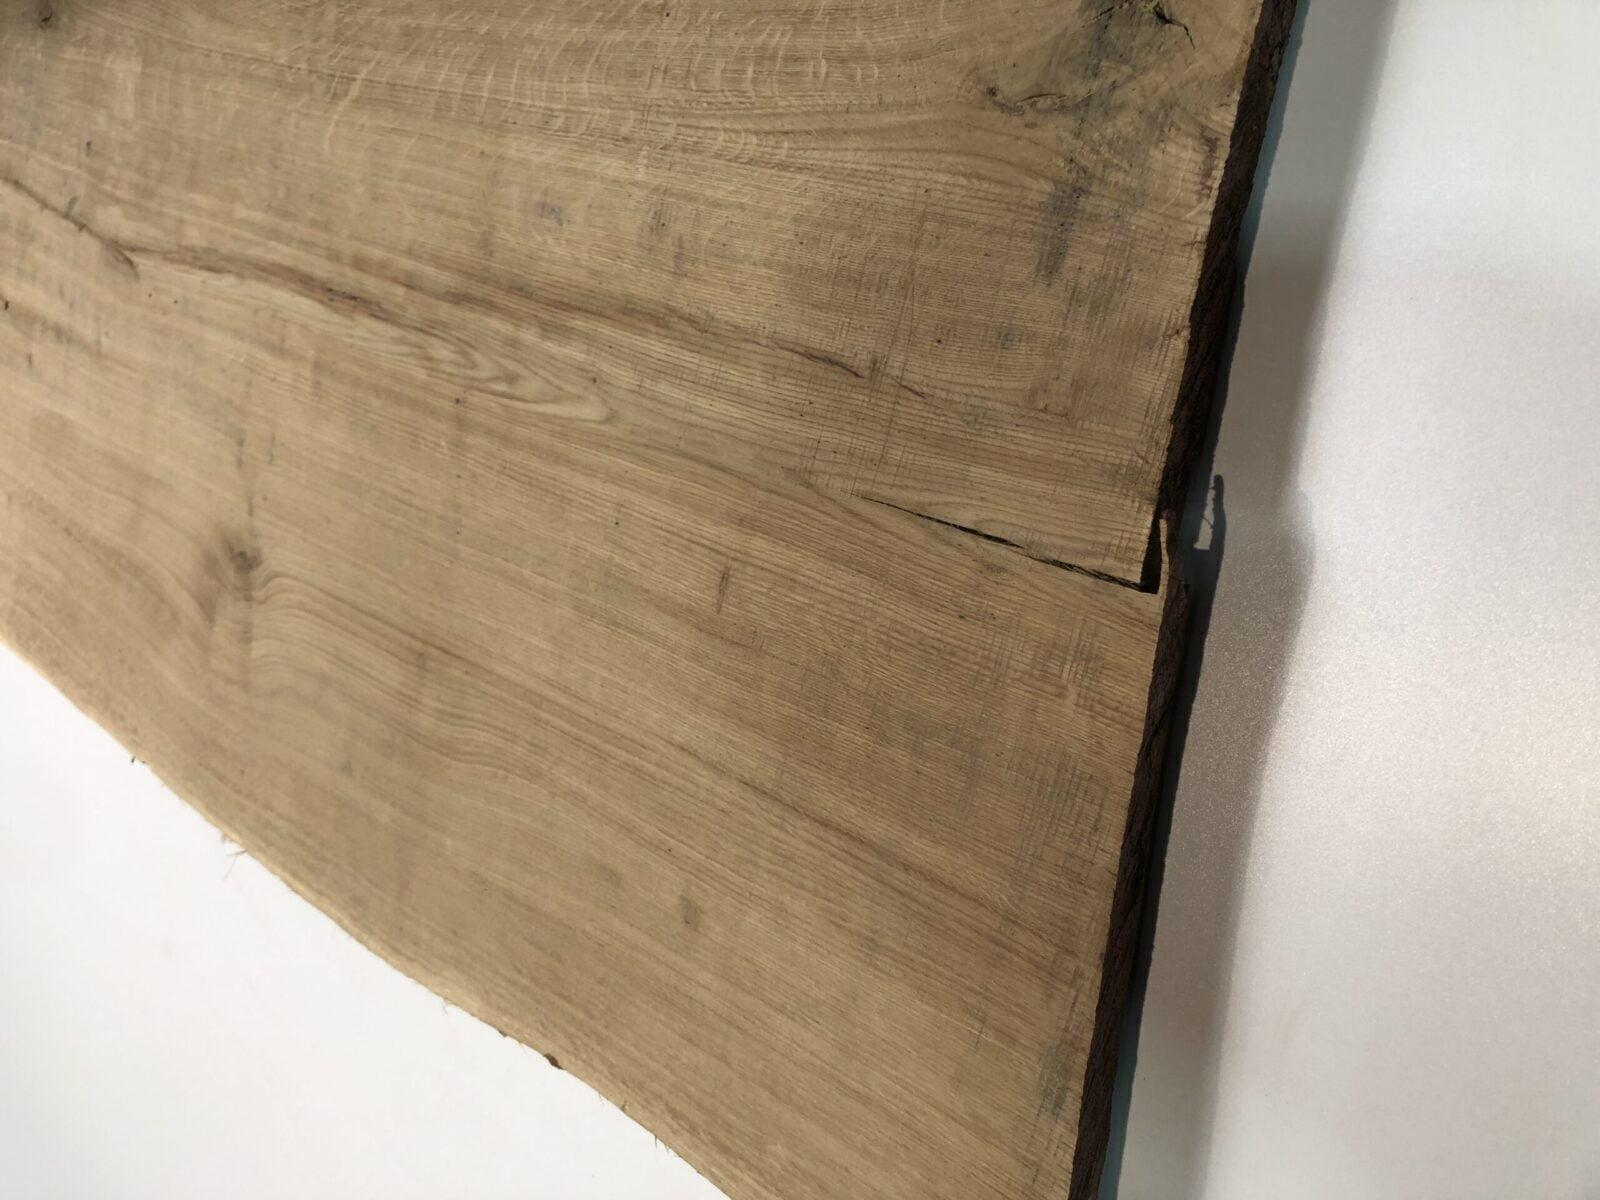 Eiche massivholz Tischplatte 012